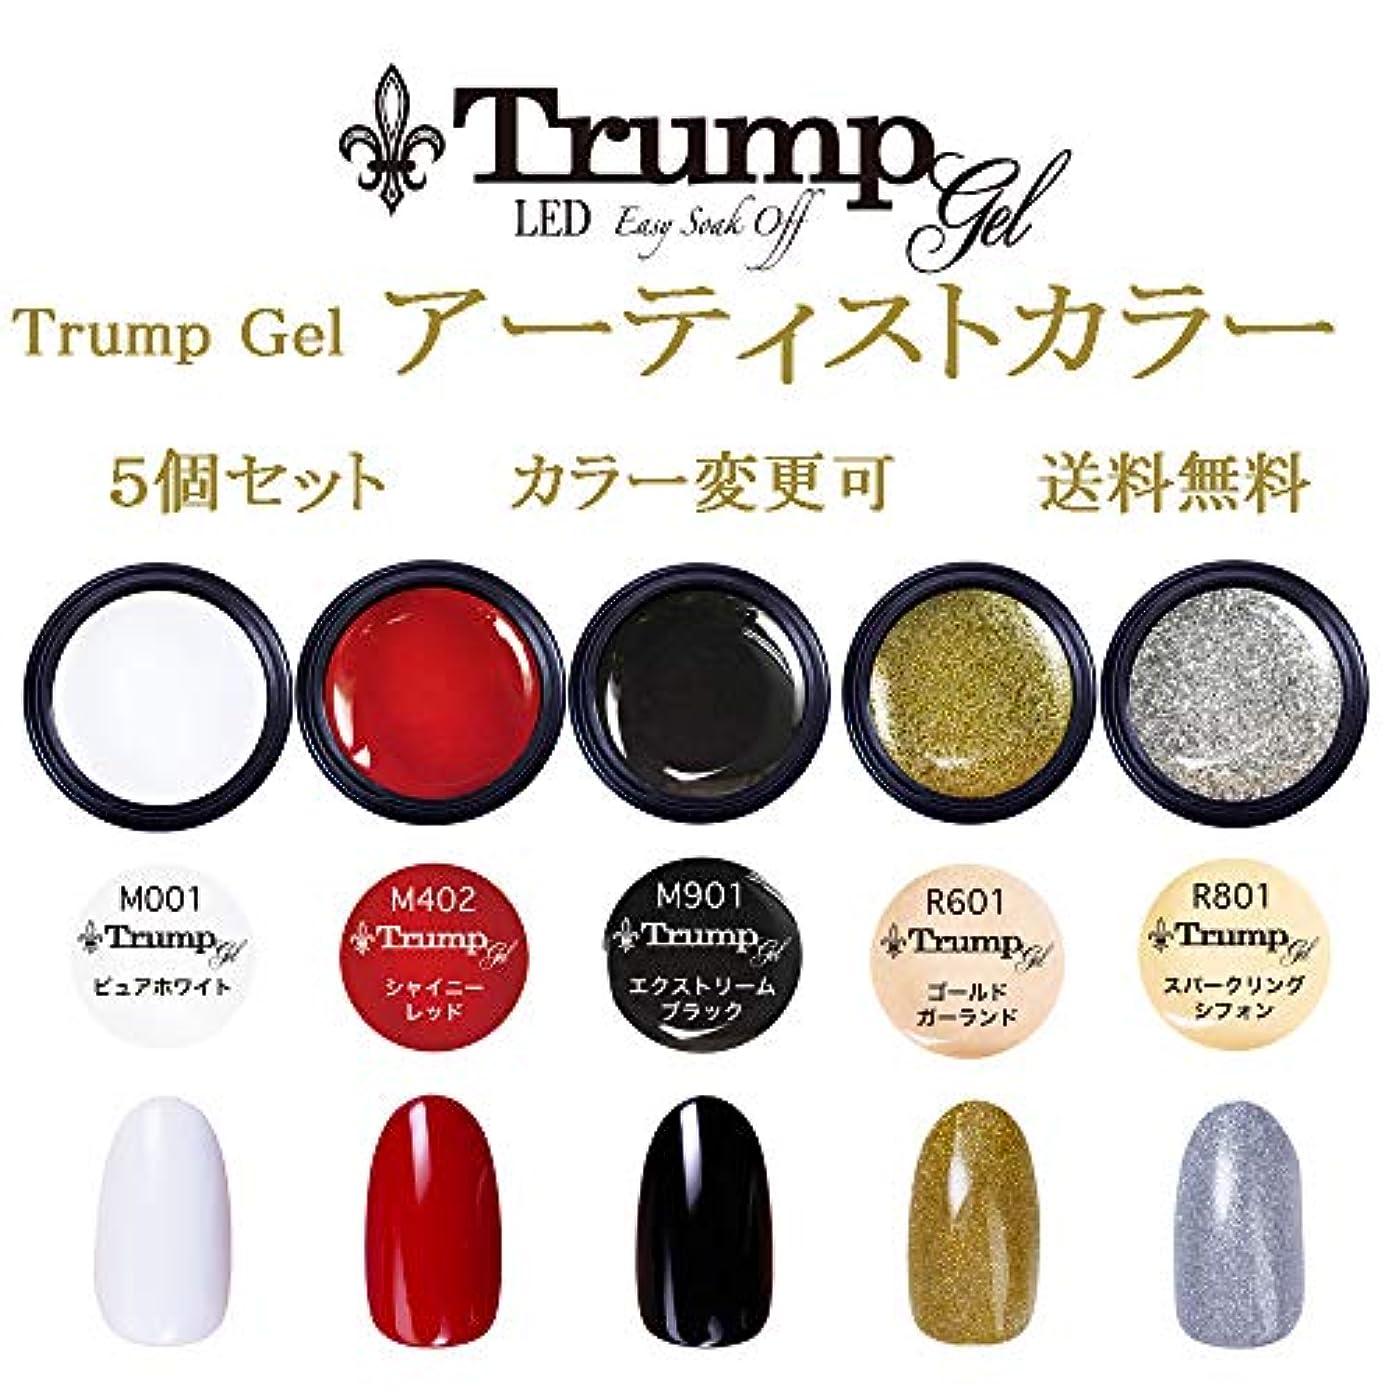 タイヤインシデント格差【送料無料】Trumpアーティストカラー選べる カラージェル5個セット